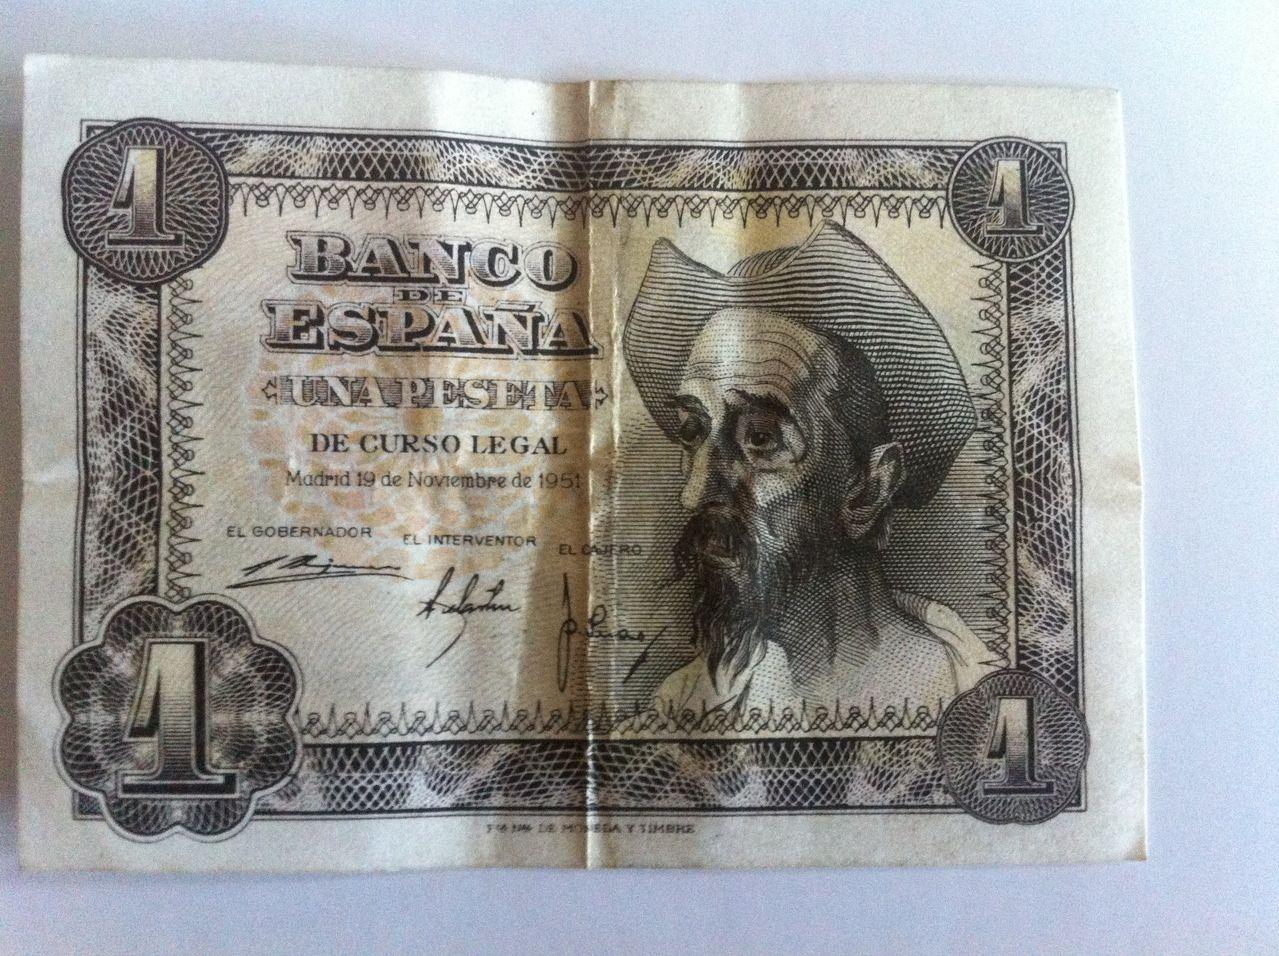 Ayuda para valorar coleccion de billetes IMG_4975